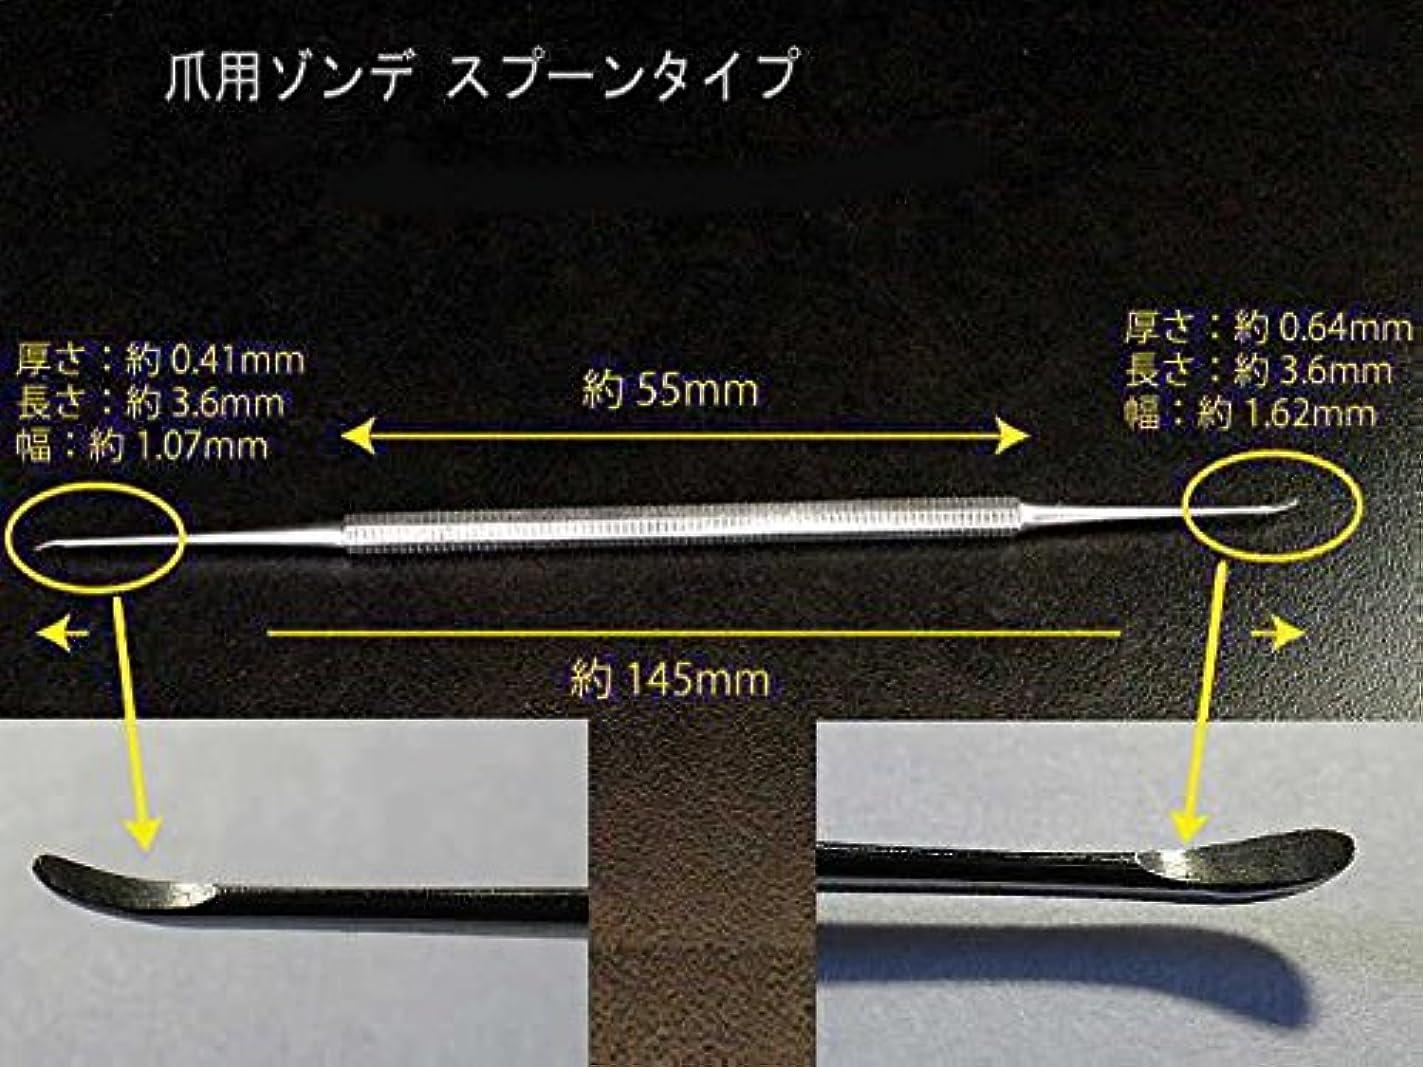 ラッカスアーティキュレーションつかいます爪用ゾンデ スプーンタイプ*足爪、巻き爪のネイルケア、フットケアに◆医療器具にも使用されるステンレス製